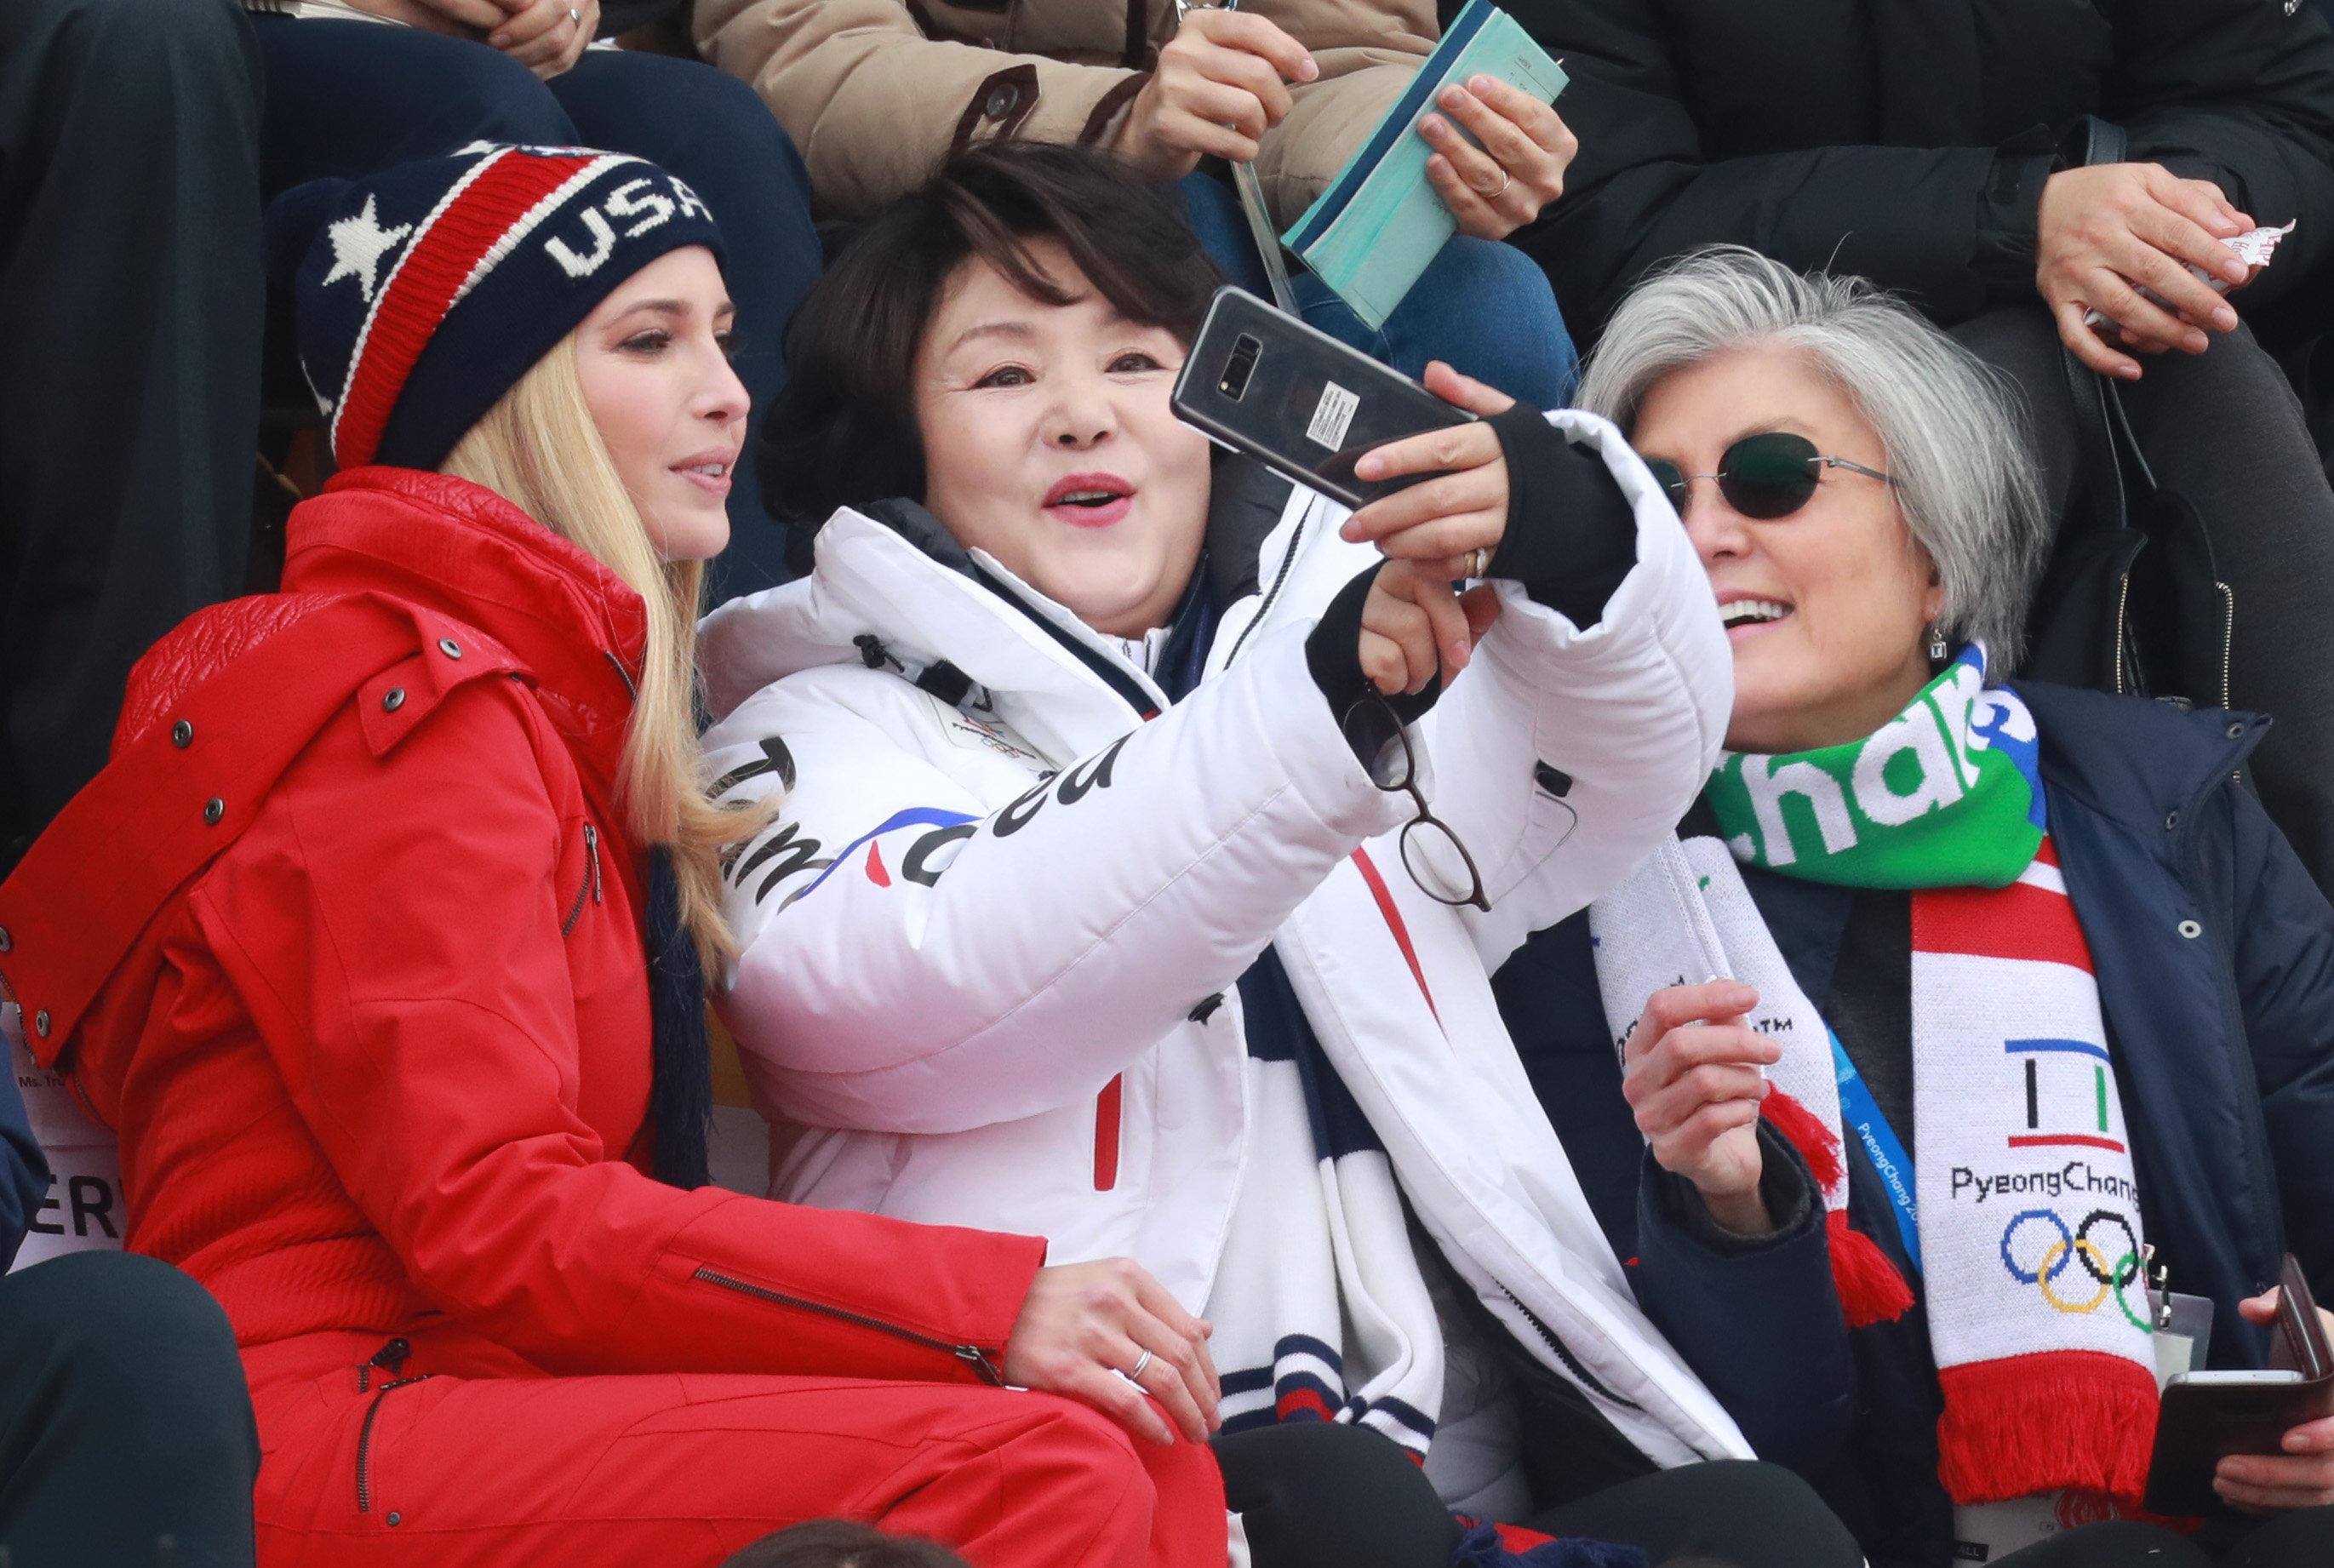 스노보드 결승전에서 연신 '셀카' 찍던 세 사람의